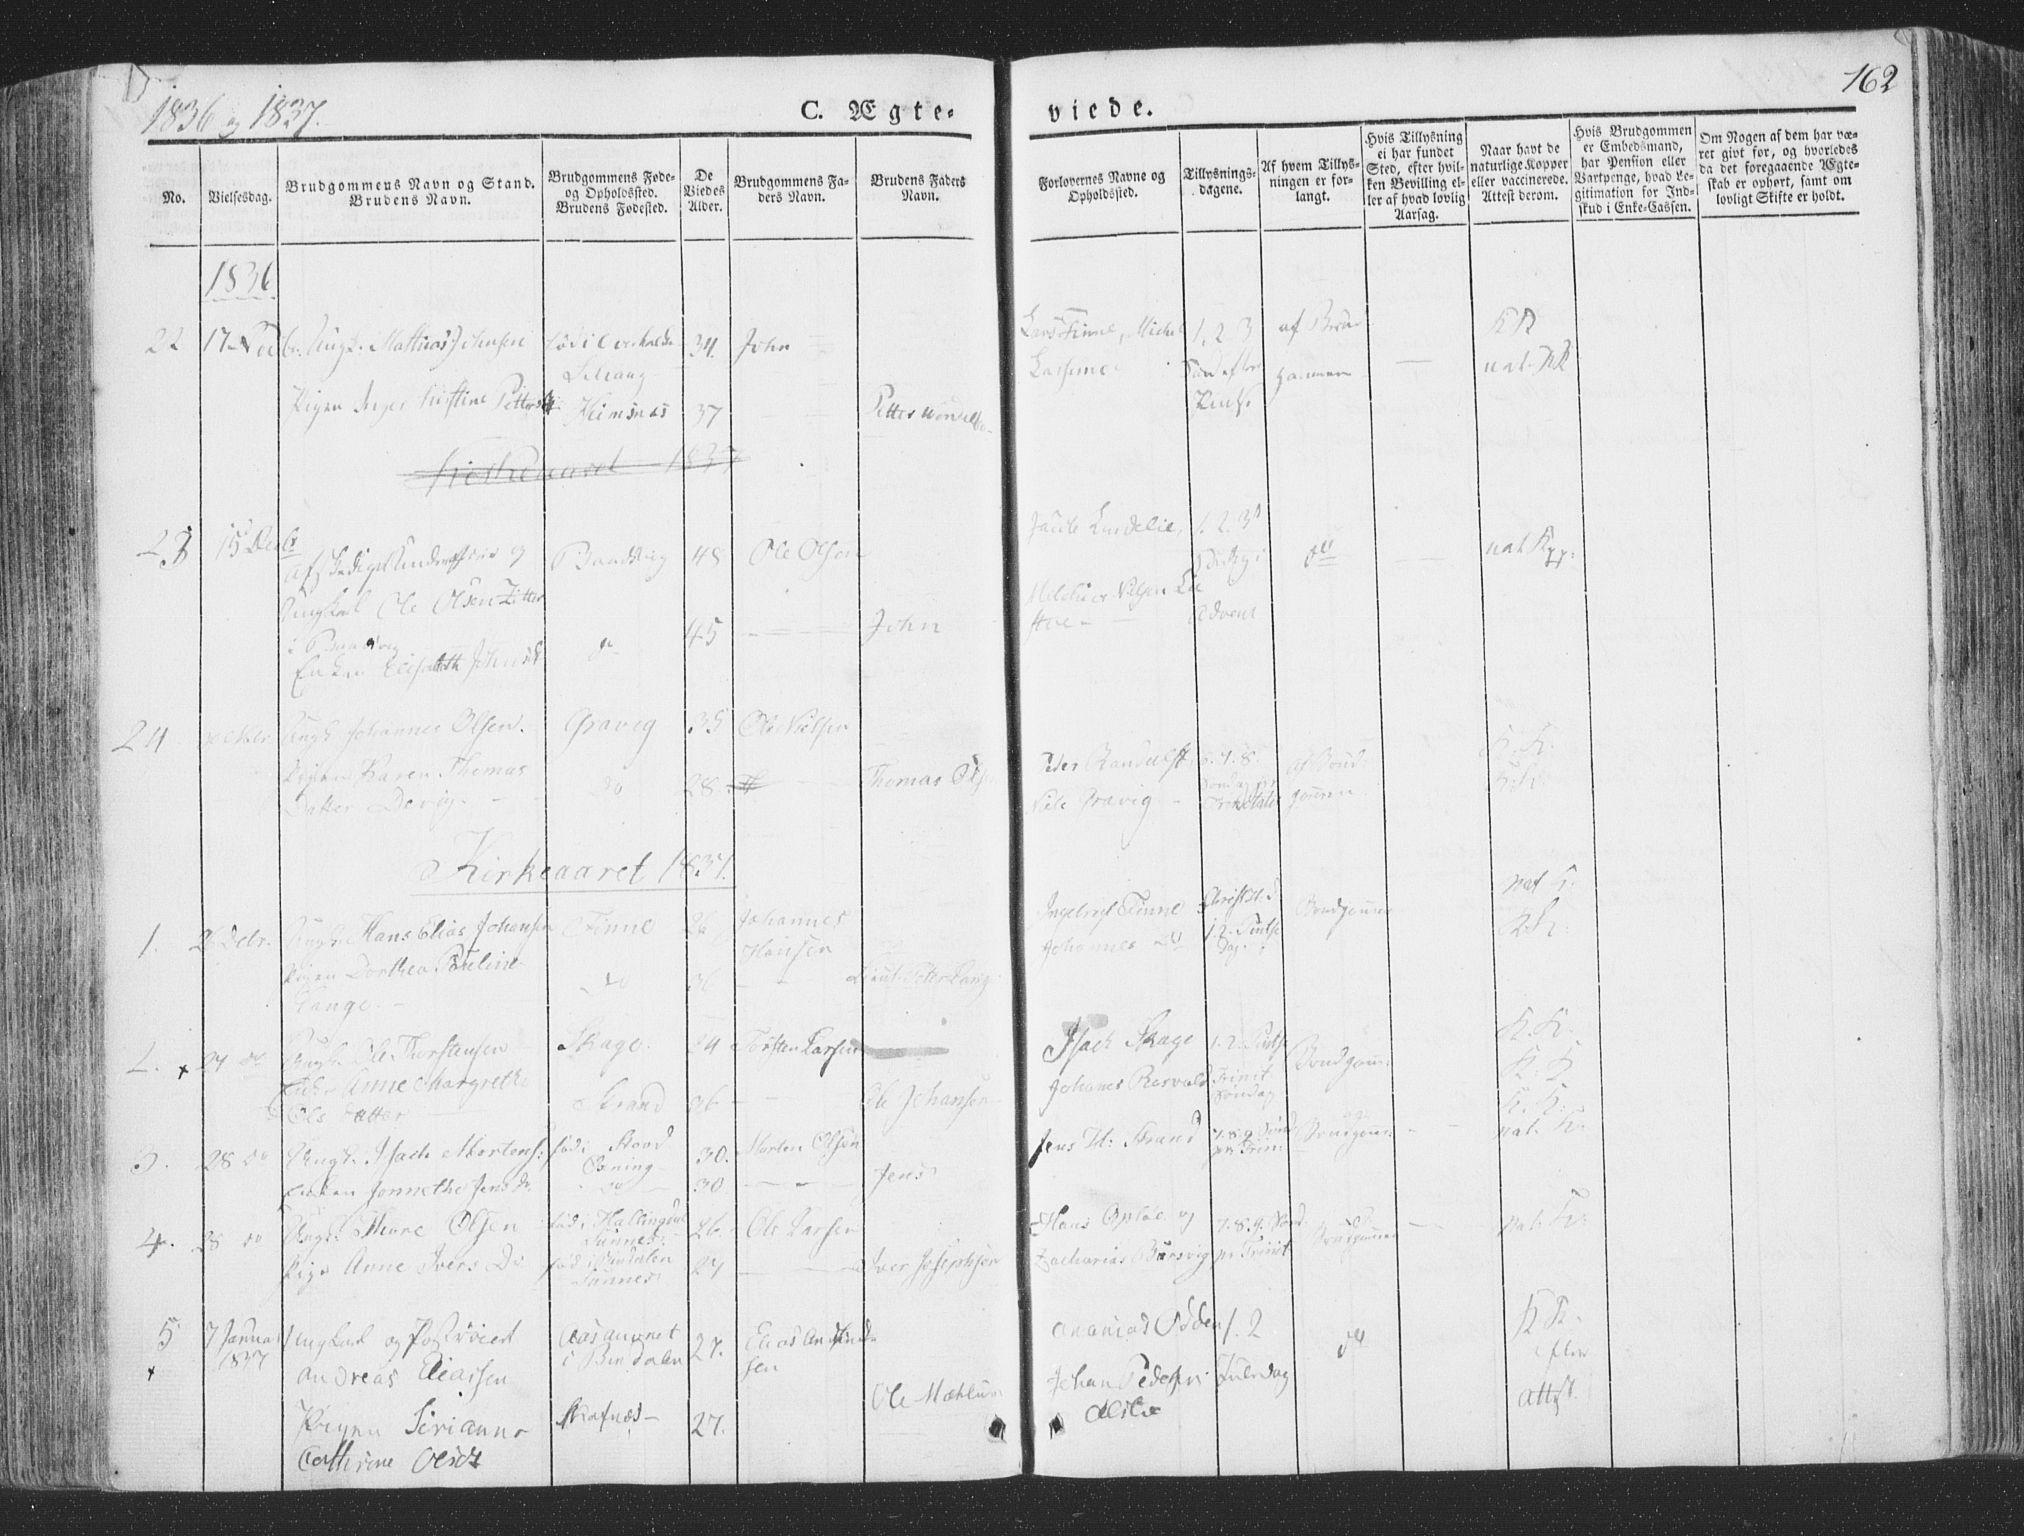 SAT, Ministerialprotokoller, klokkerbøker og fødselsregistre - Nord-Trøndelag, 780/L0639: Ministerialbok nr. 780A04, 1830-1844, s. 162